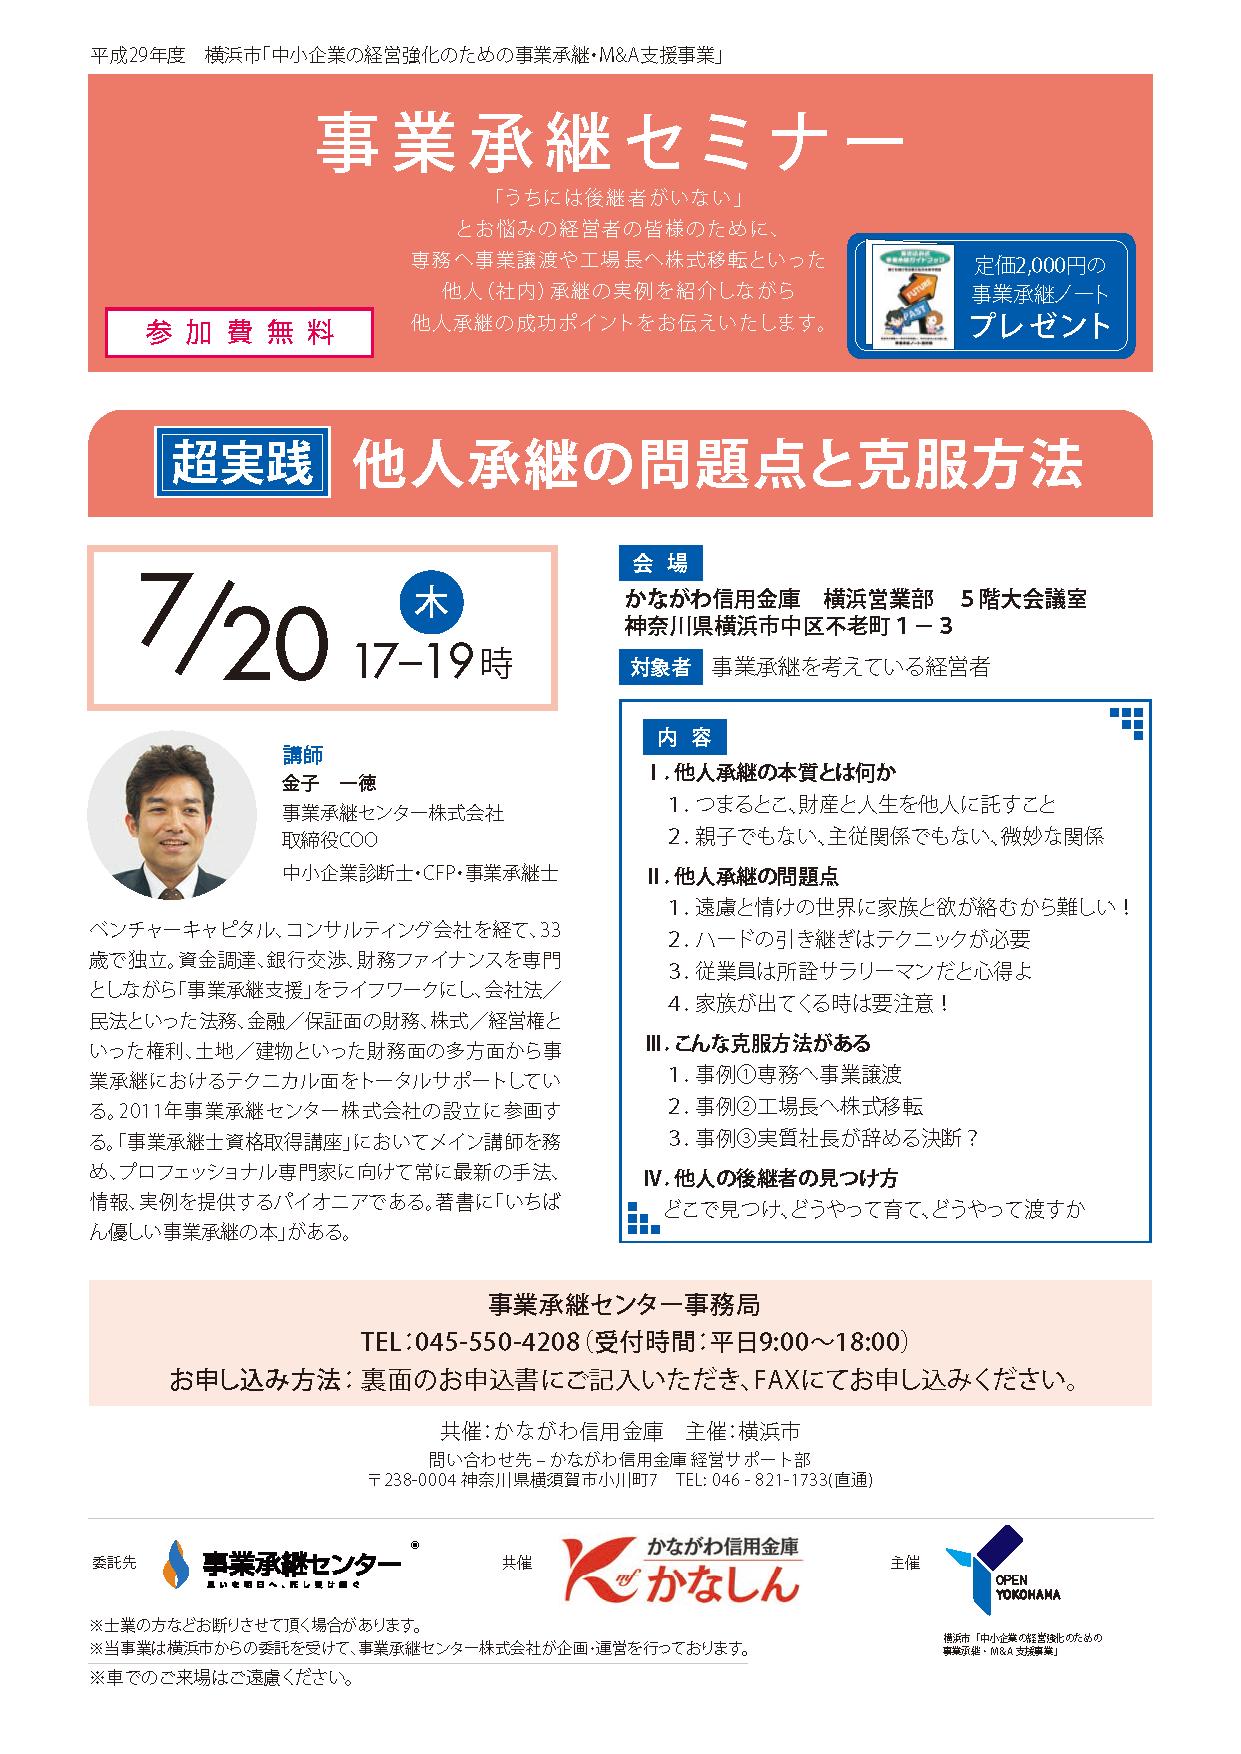 20170425_金子一徳の超実践講座